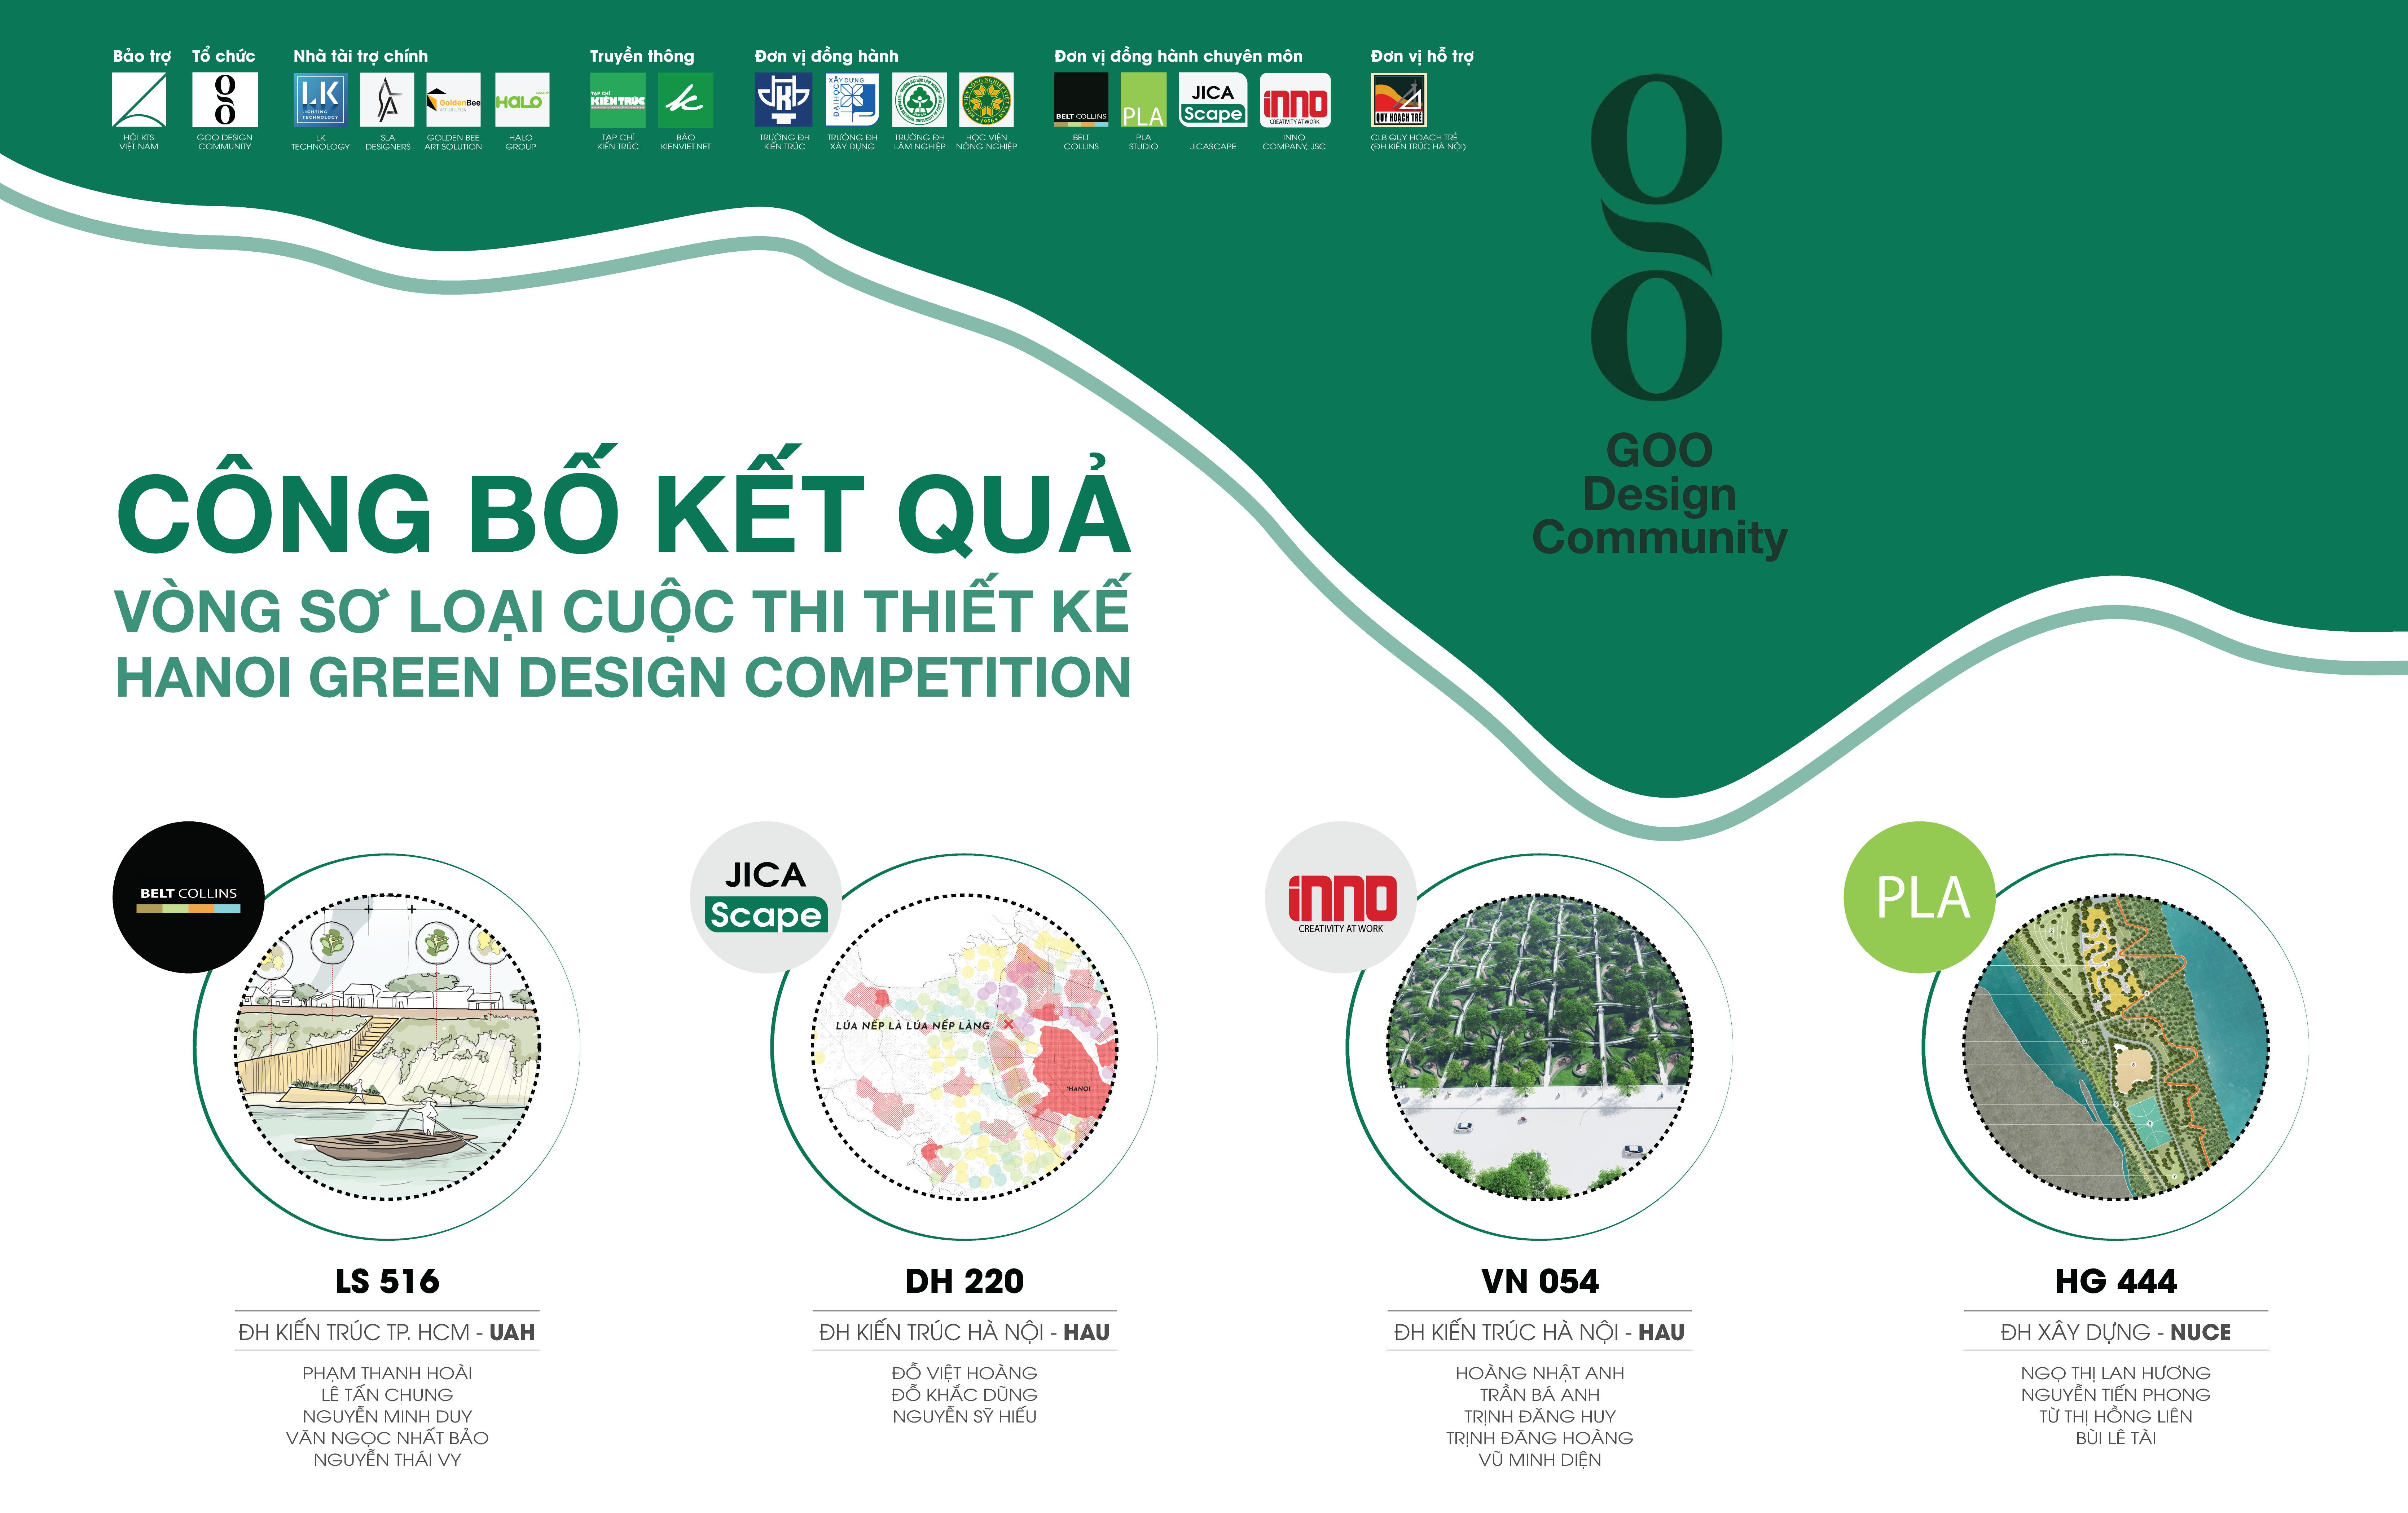 Kết quả 4 nhóm bước tiếp vào vòng chung kết cuộc thi do Hội đồng Ban giám khảo lựa chọn đã được công bố trên trang fanpage của GOO vào ngày 20/10